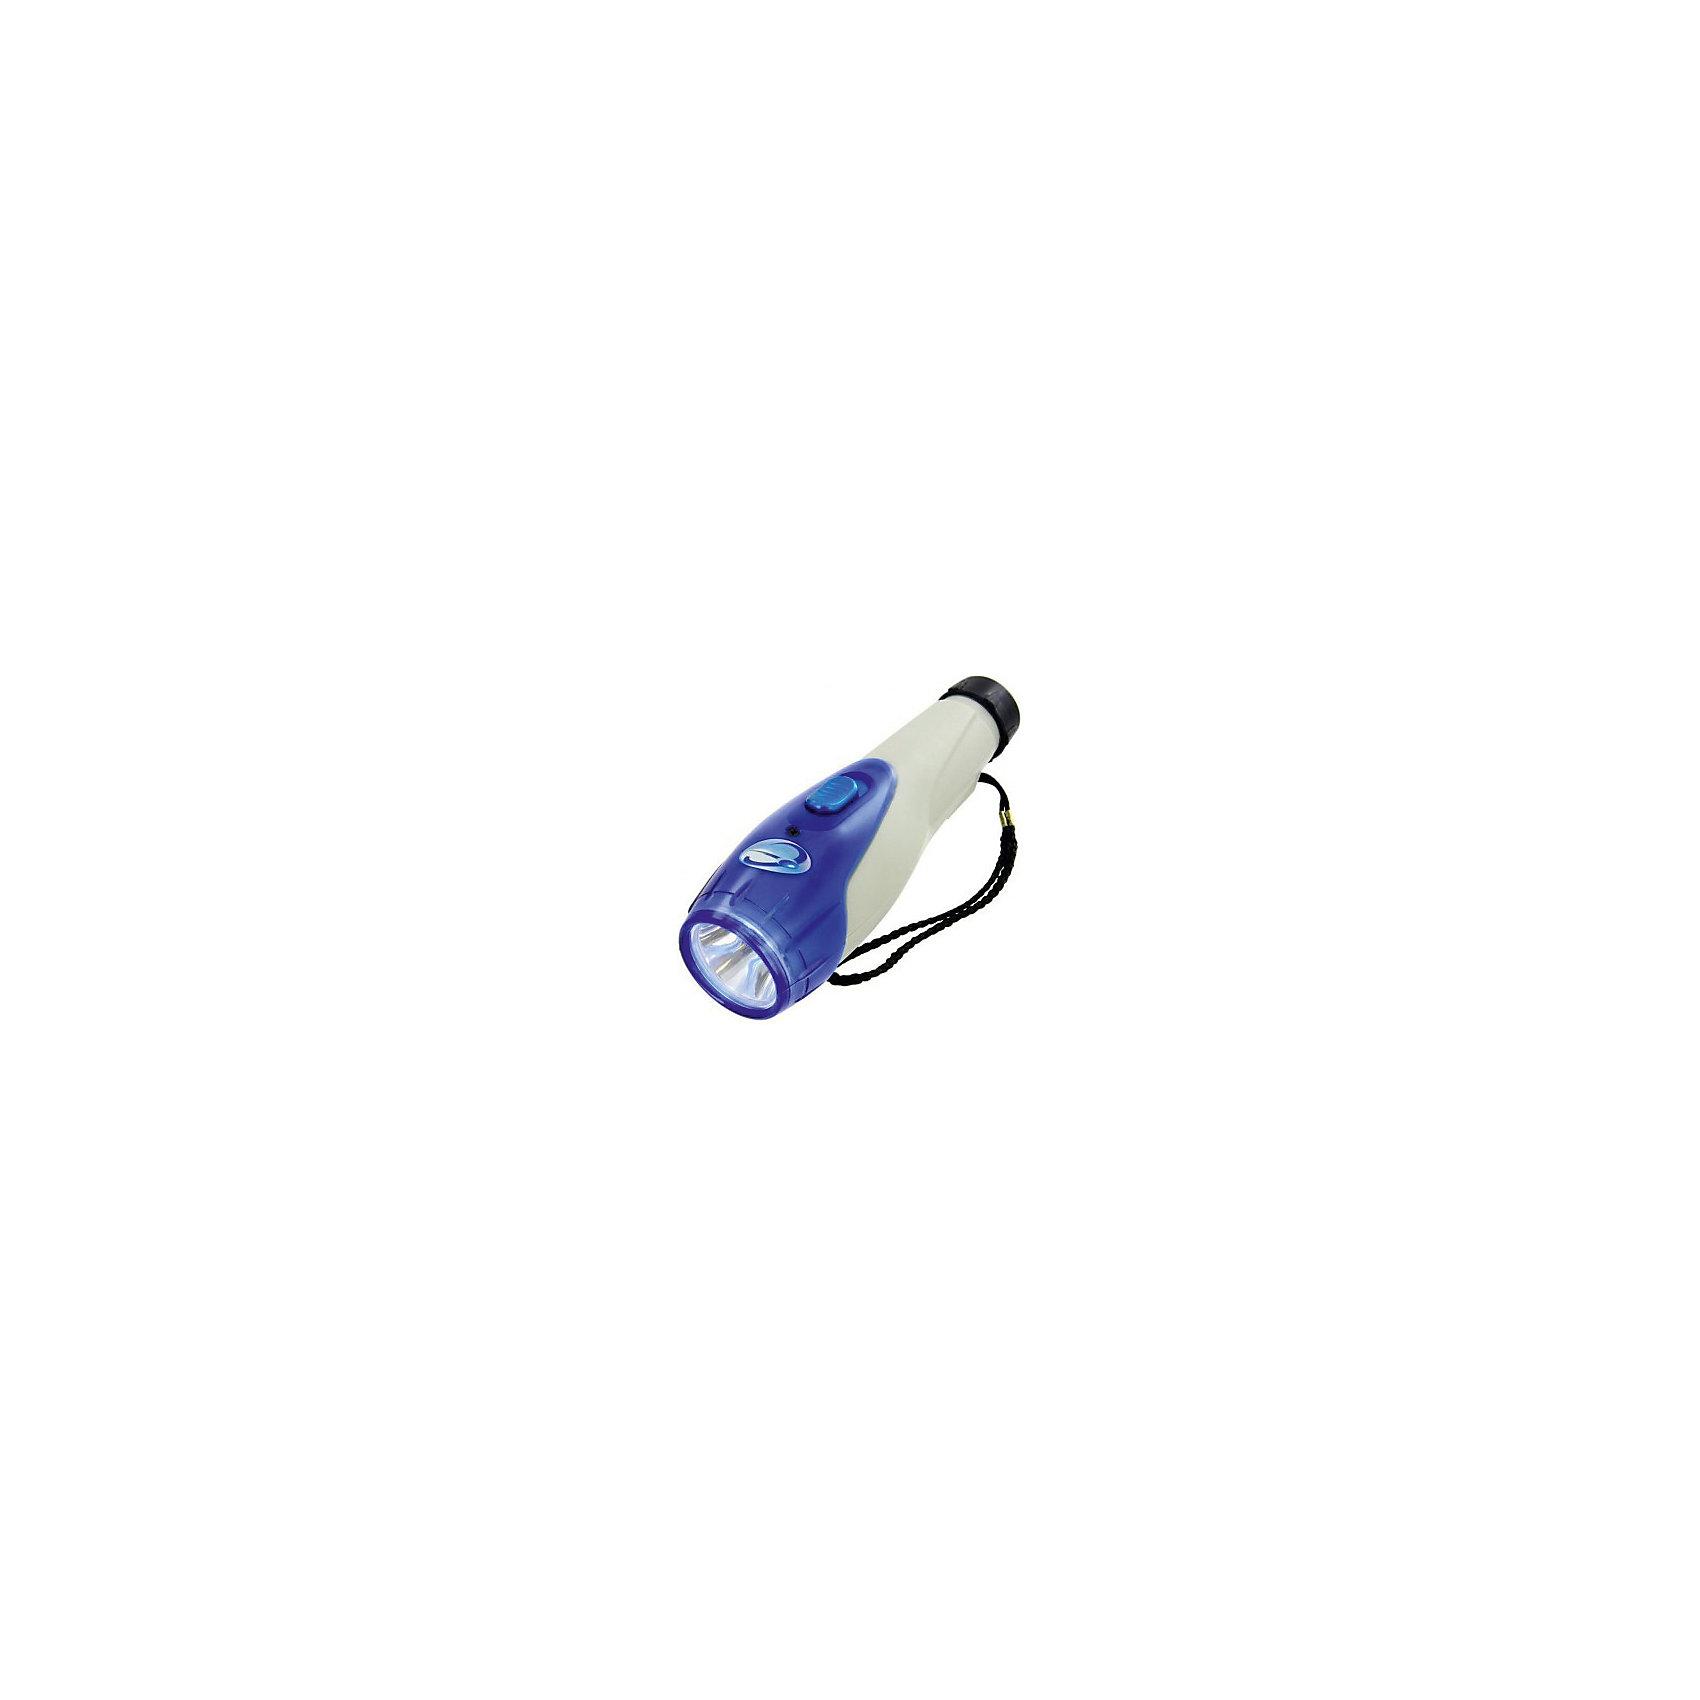 Eastcolight Фонарь шпионскийЯркий фонарик, который обязательно пригодится в любом исследовательском походе или шпионской вылазке.<br>В торце фонарика вмонтирован настоящий компас - незаменимая вещь в лесу или при ориентировании по карте.<br>Фонарь оснащен специальной петелькой и пластиковым зажимом, с помощью которых его можно повесить на руку или закрепить на поясе.<br><br>Дополнительная информация:<br><br>- Материал: пластик, стекло, текстиль.<br>- Длина фонарика: 19 см.<br>- Диаметр компаса: 3,5 см.<br><br>Ширина мм: 224<br>Глубина мм: 82<br>Высота мм: 90<br>Вес г: 200<br>Возраст от месяцев: 72<br>Возраст до месяцев: 1188<br>Пол: Мужской<br>Возраст: Детский<br>SKU: 3220284